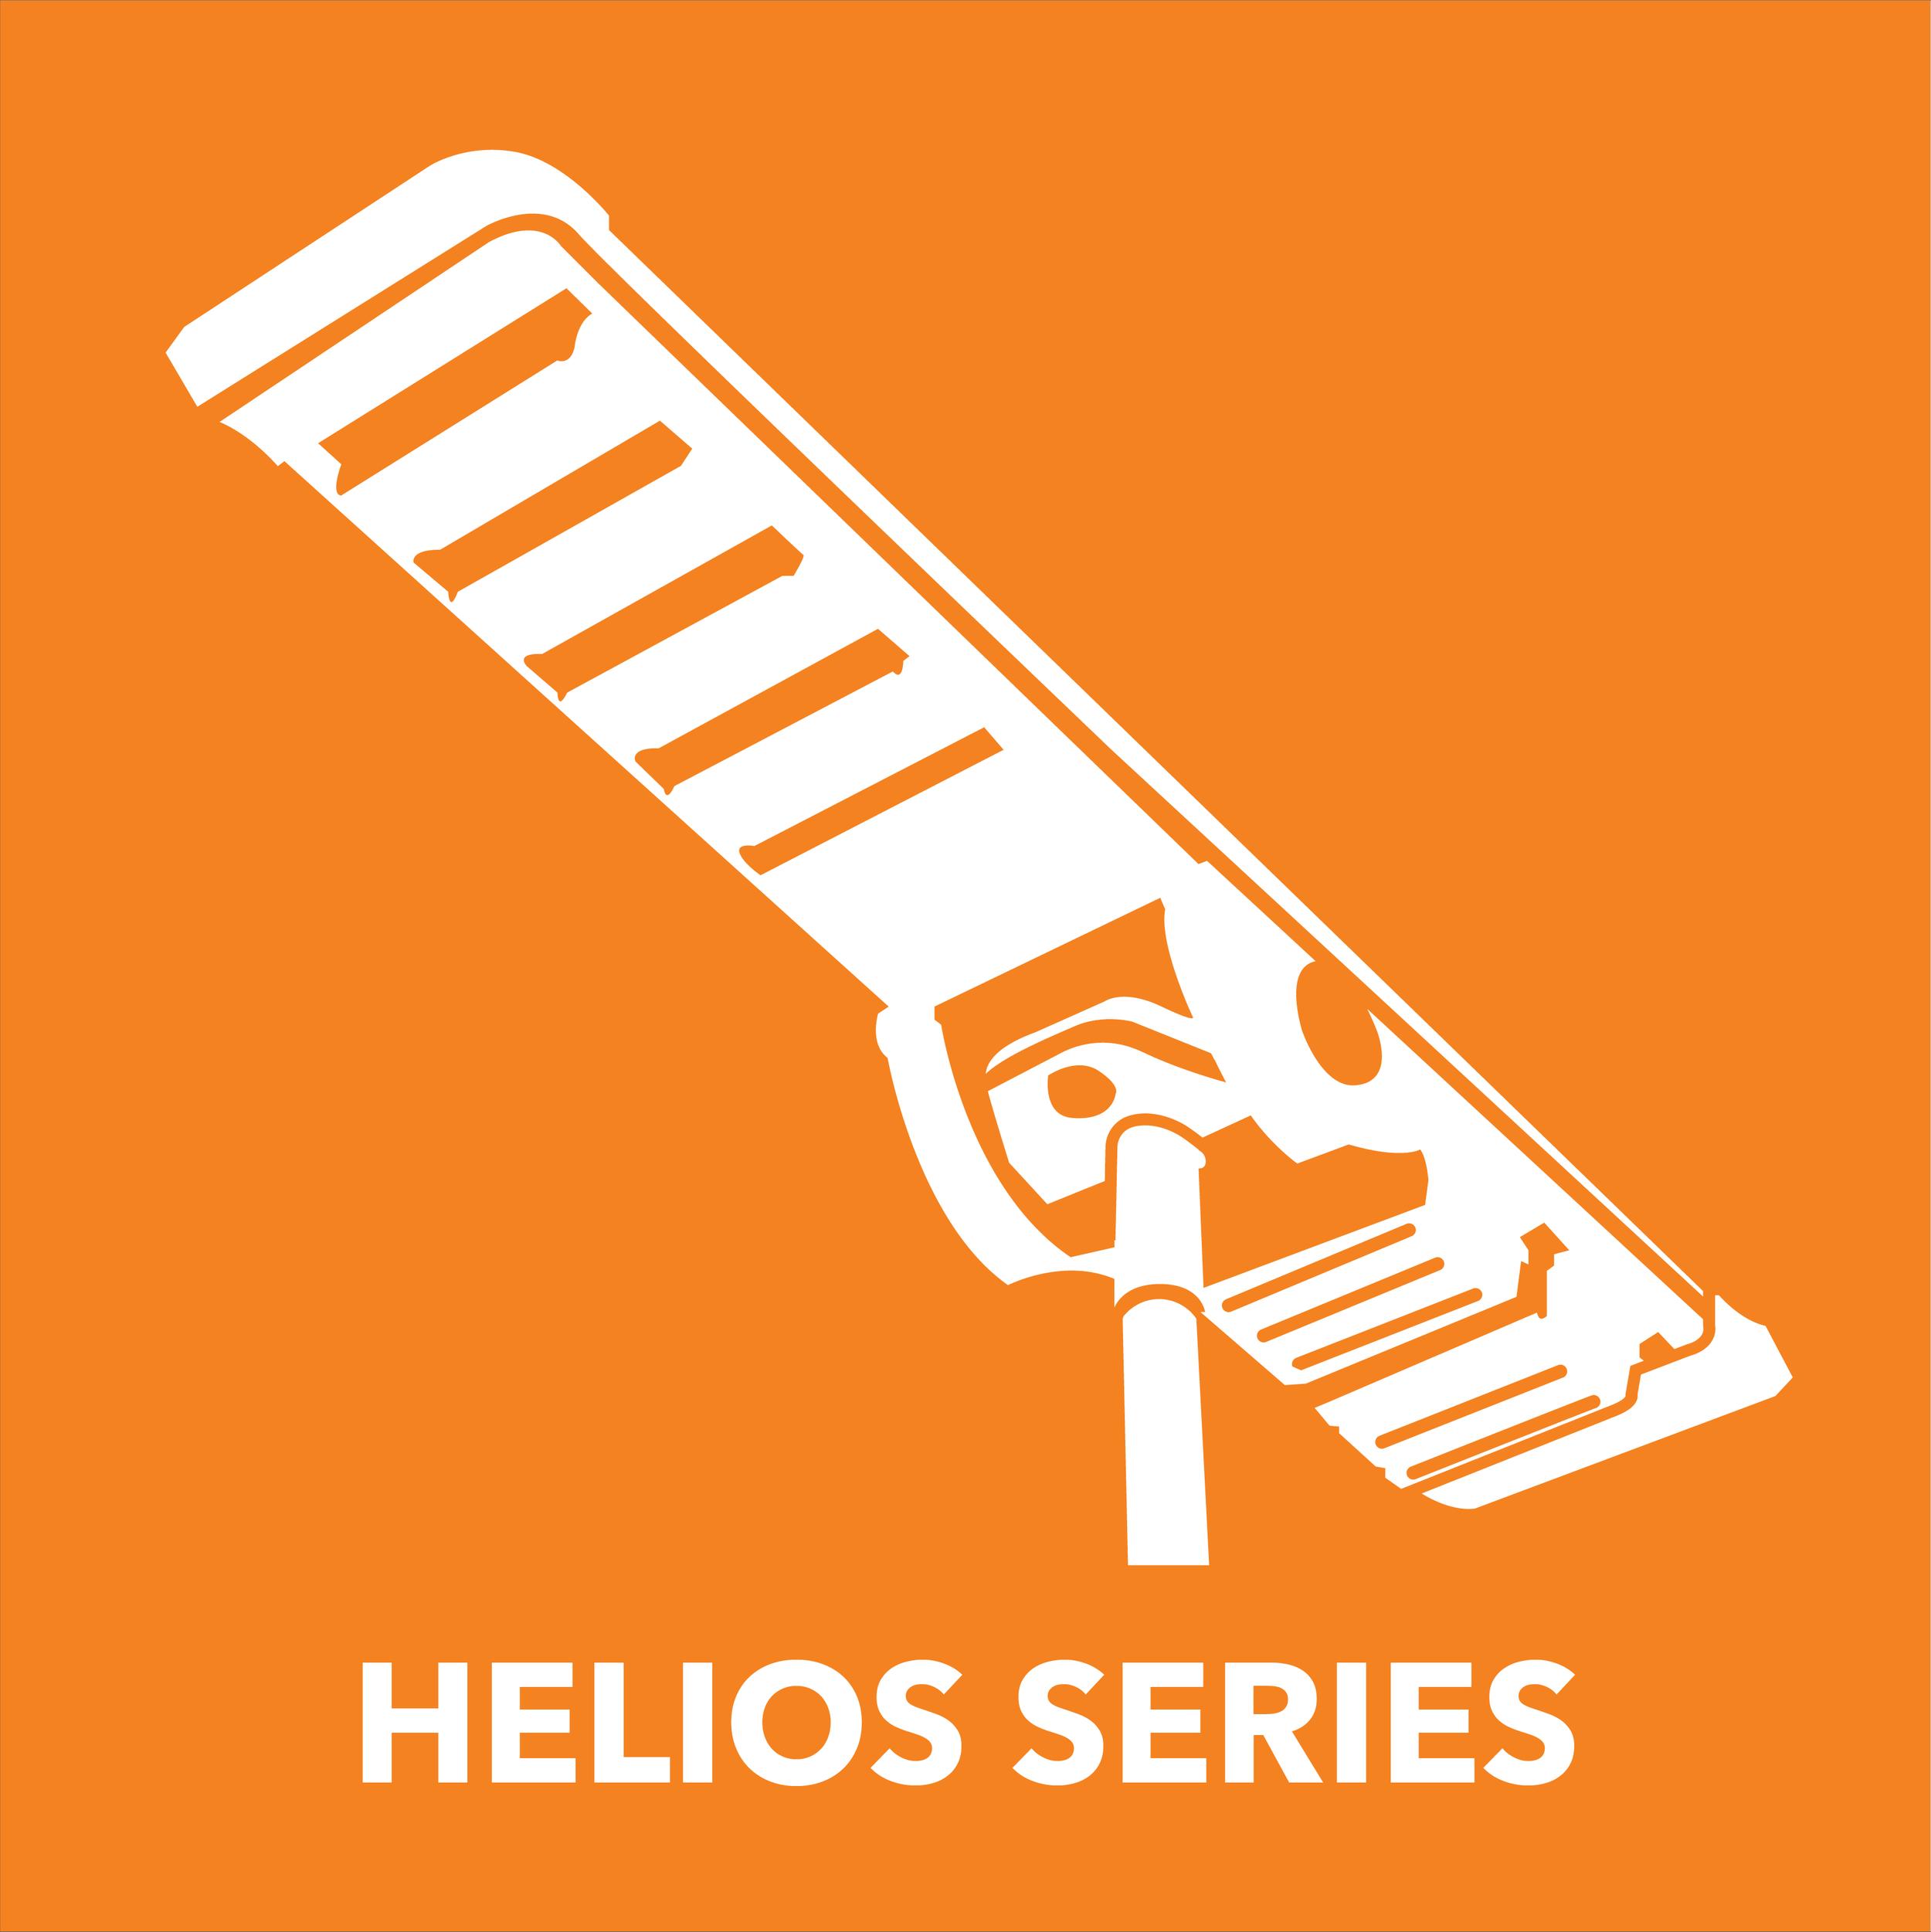 Greentek Helios Series